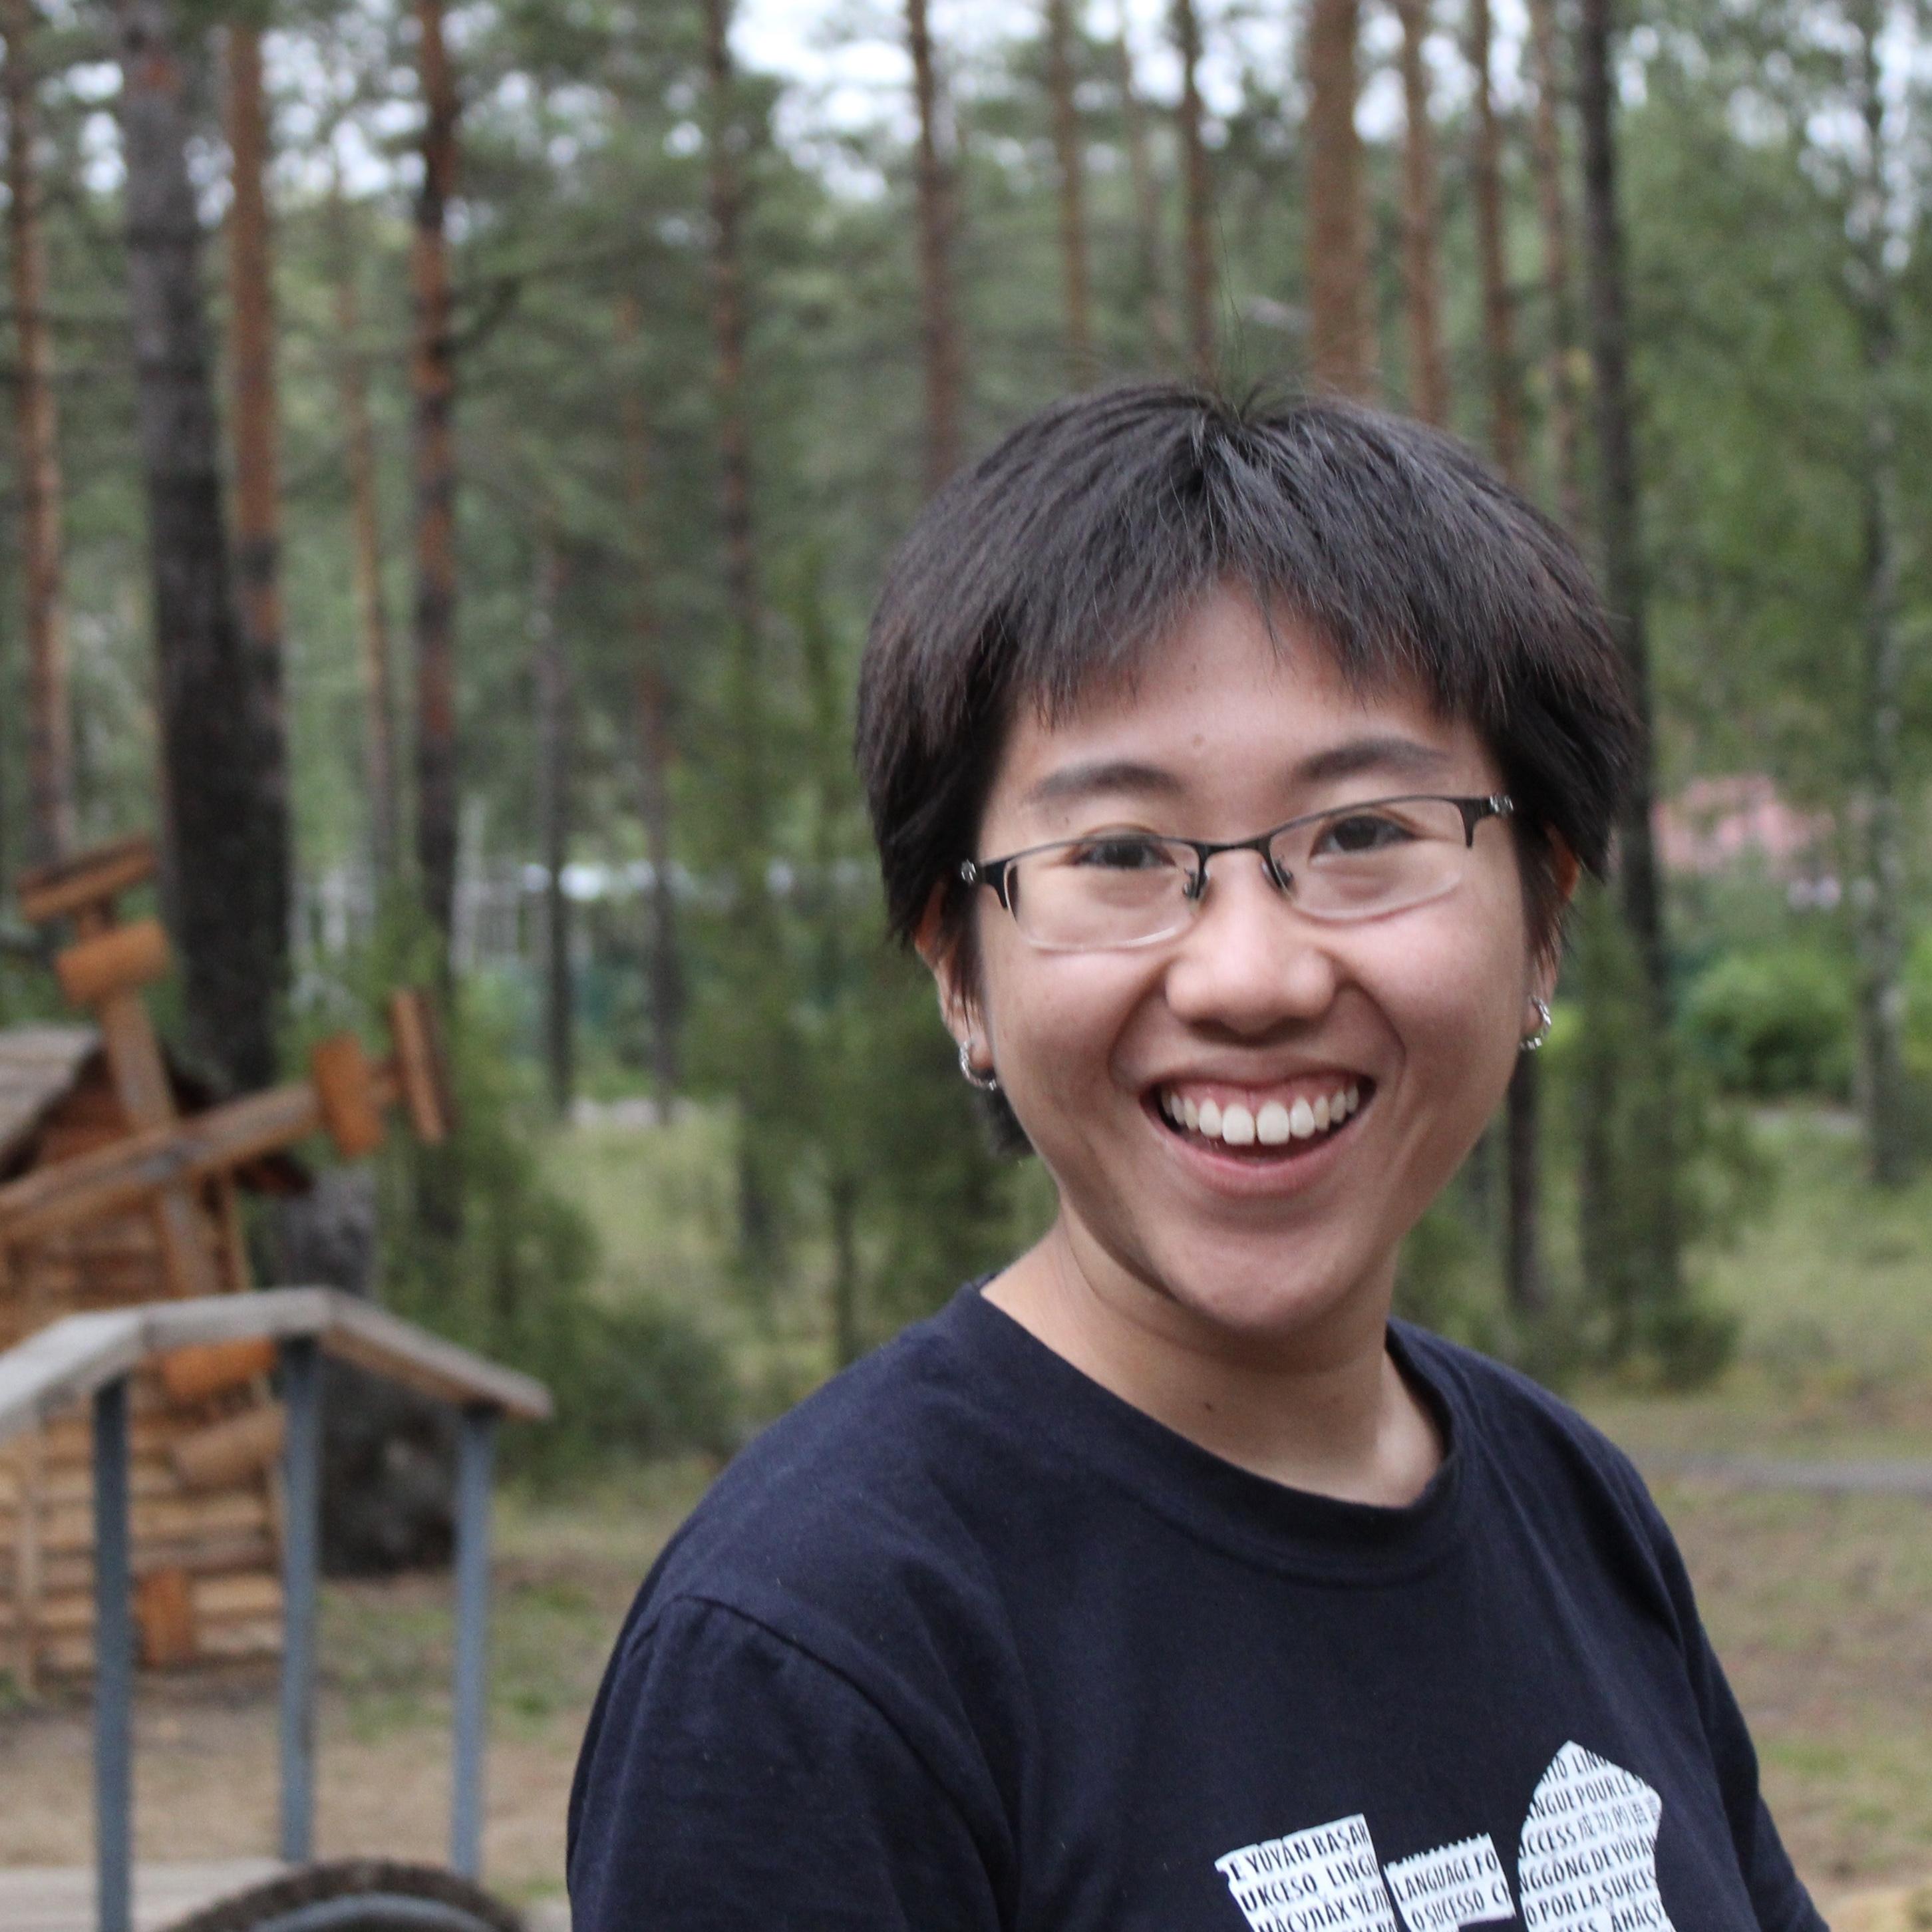 Nguyen Ngoc My Linh